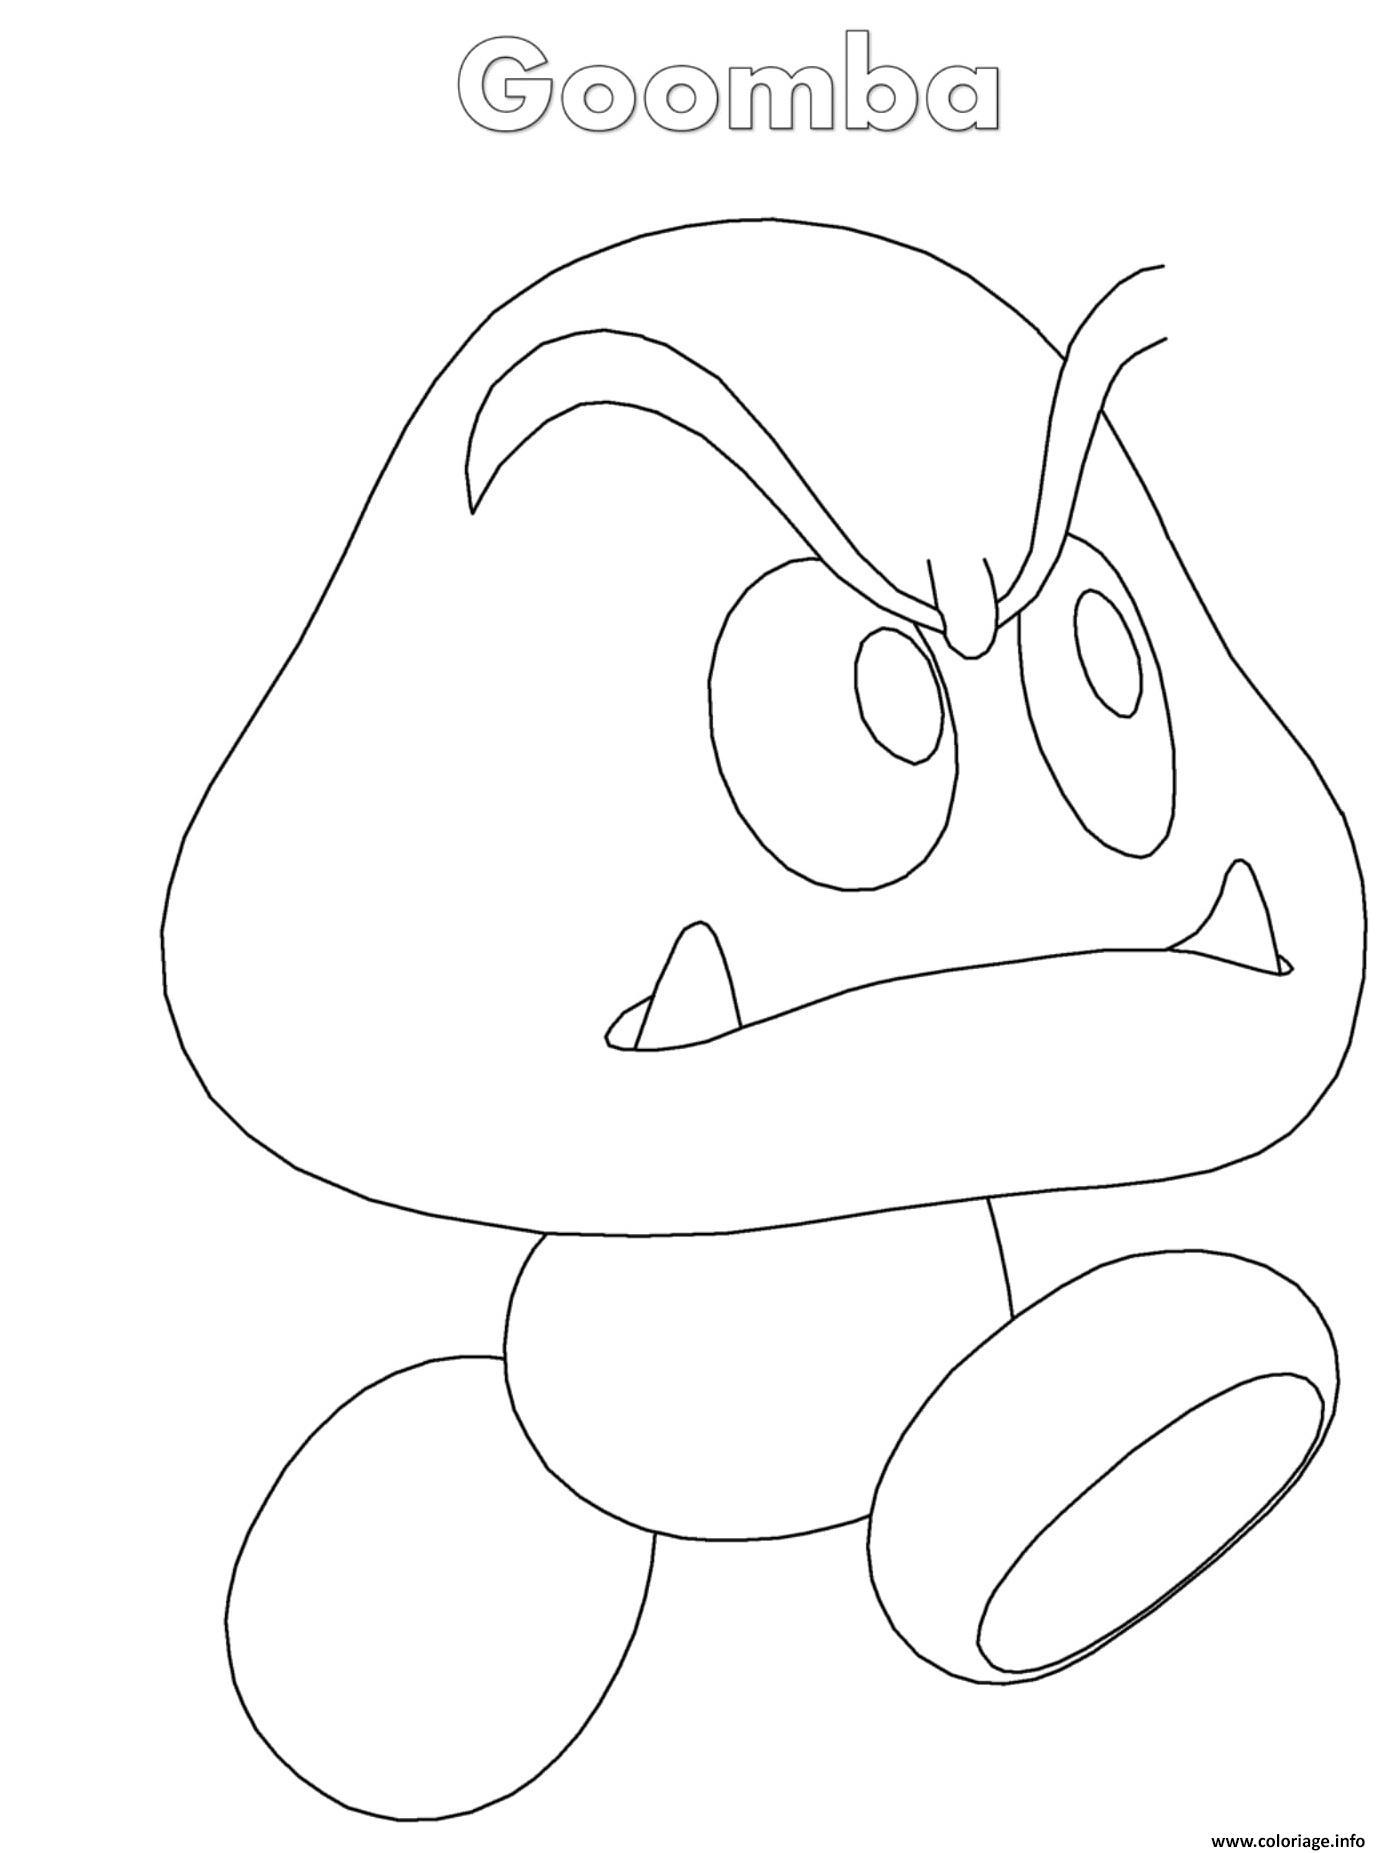 Mario Goomba Coloring Pages Shefalitayal